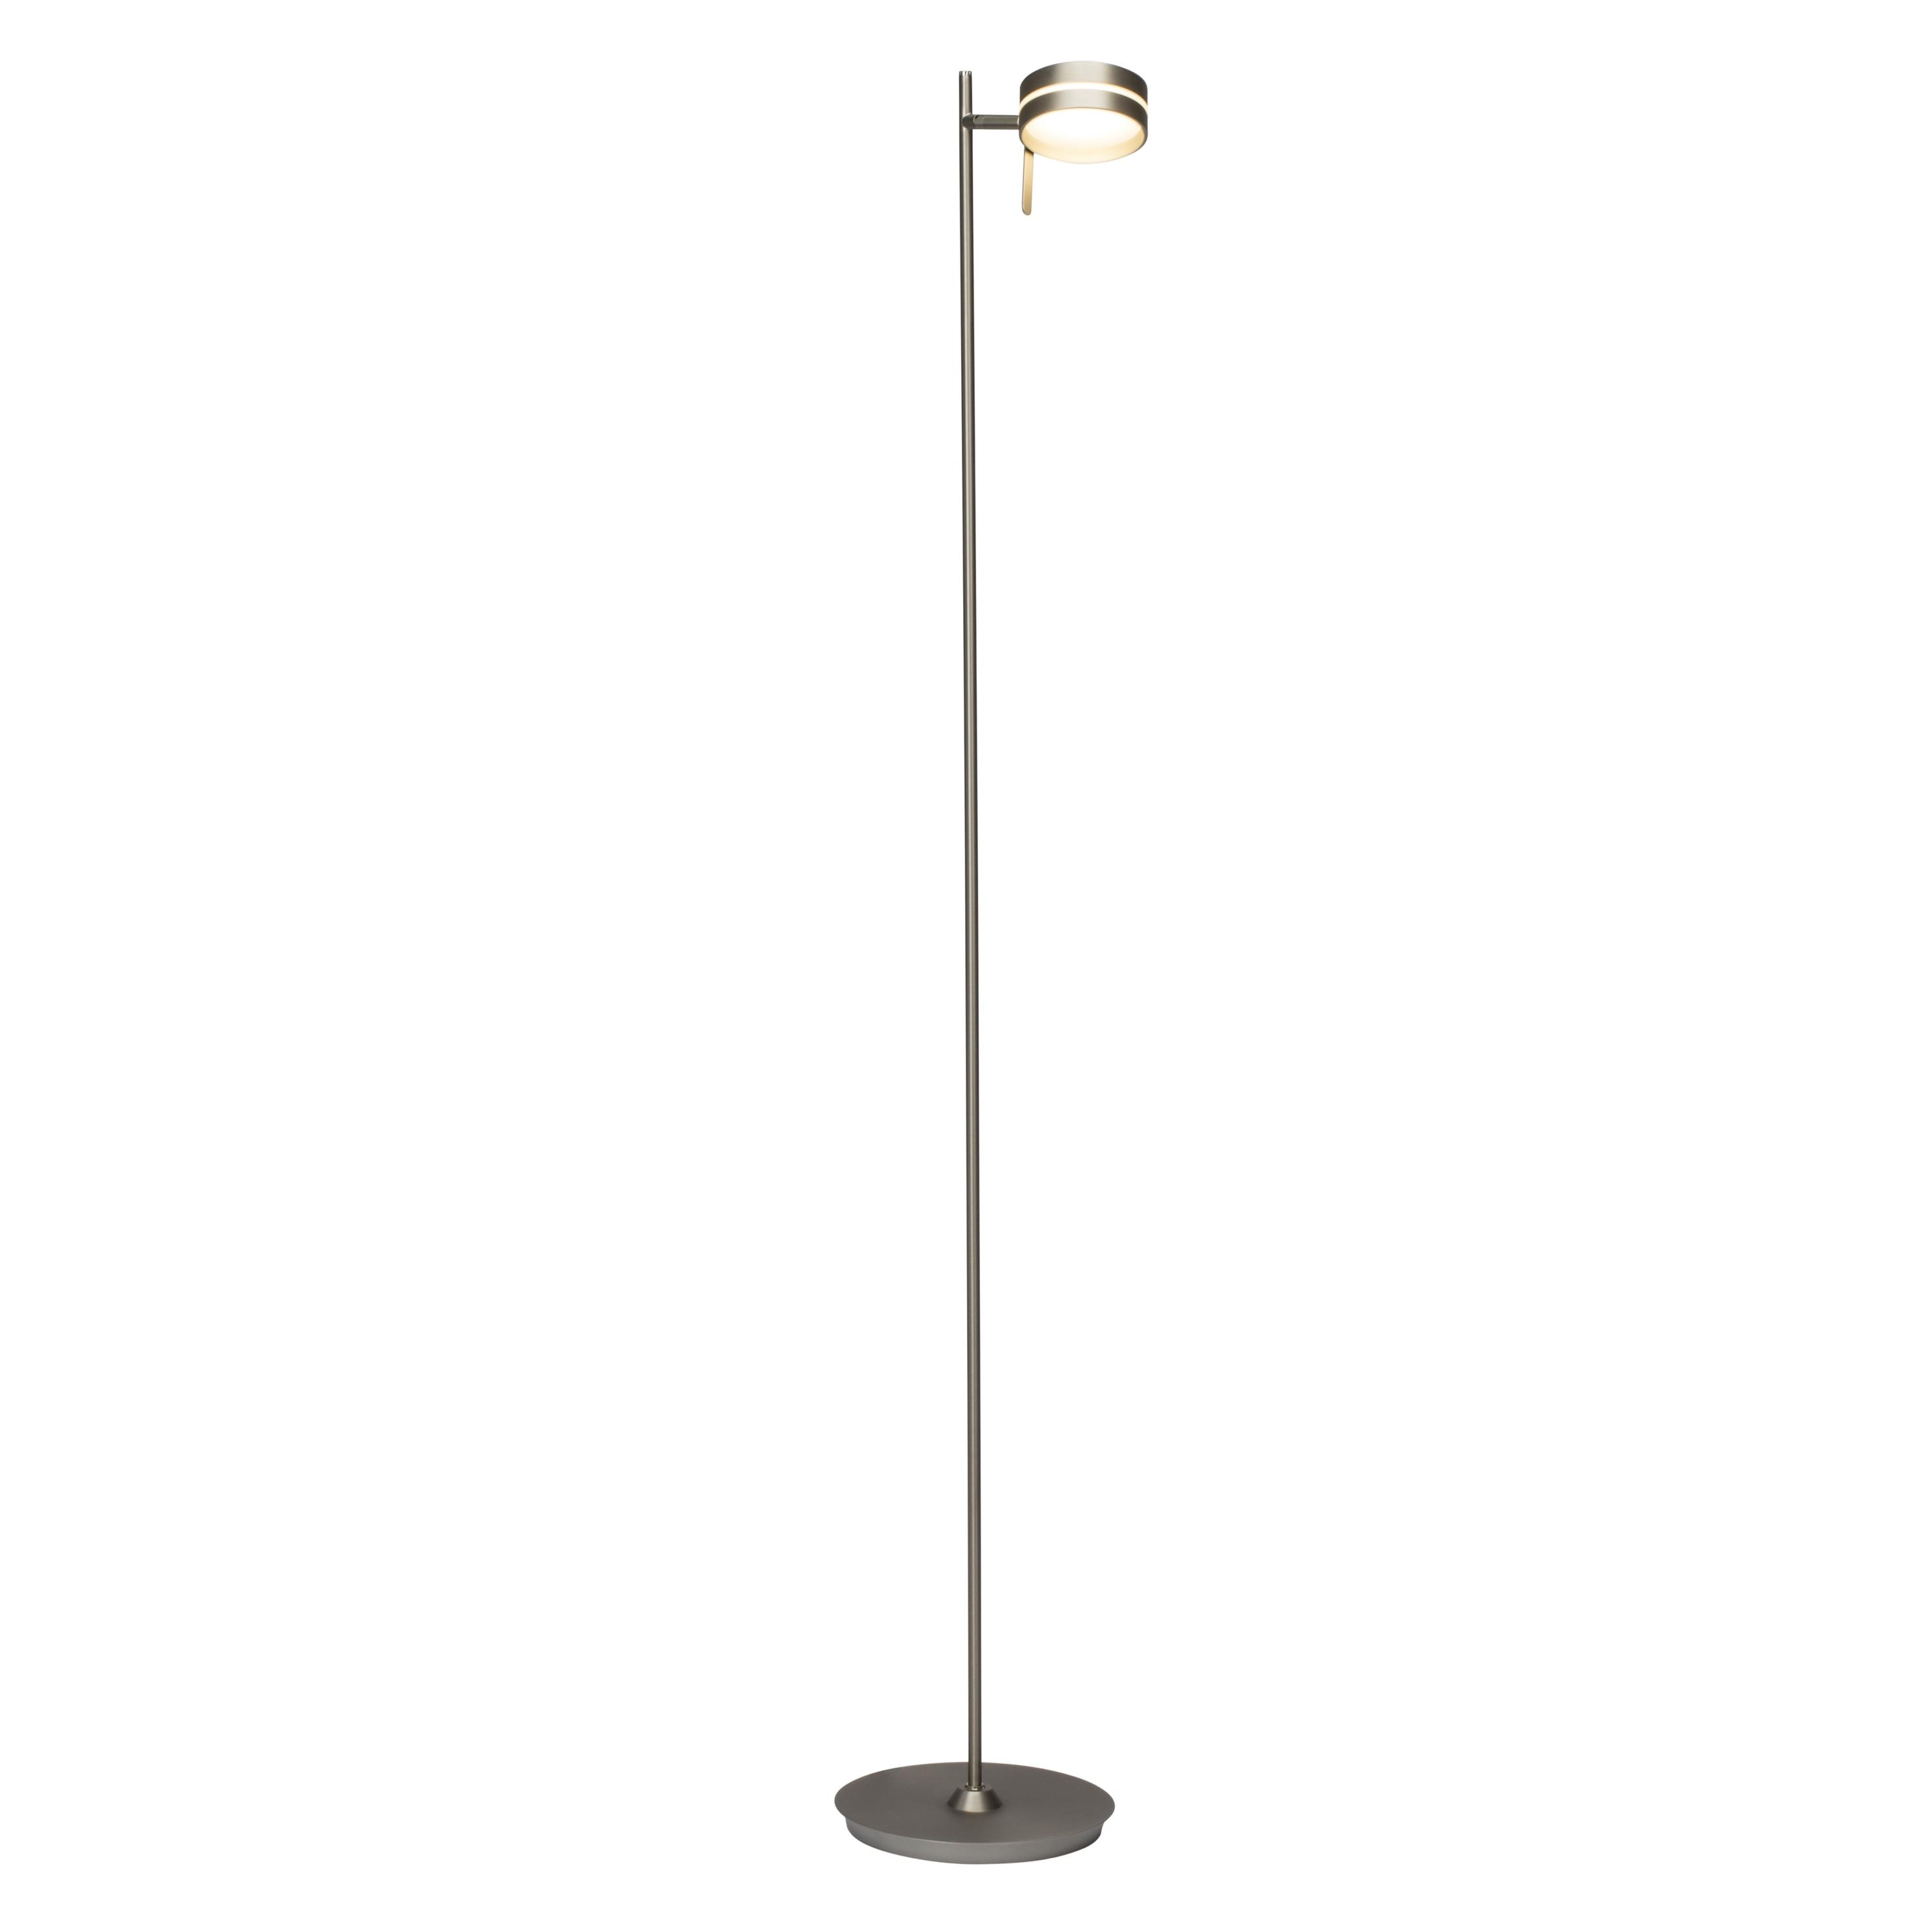 Brilliant Leuchten Toro LED Standleuchte 1flg eisen/weiÃY